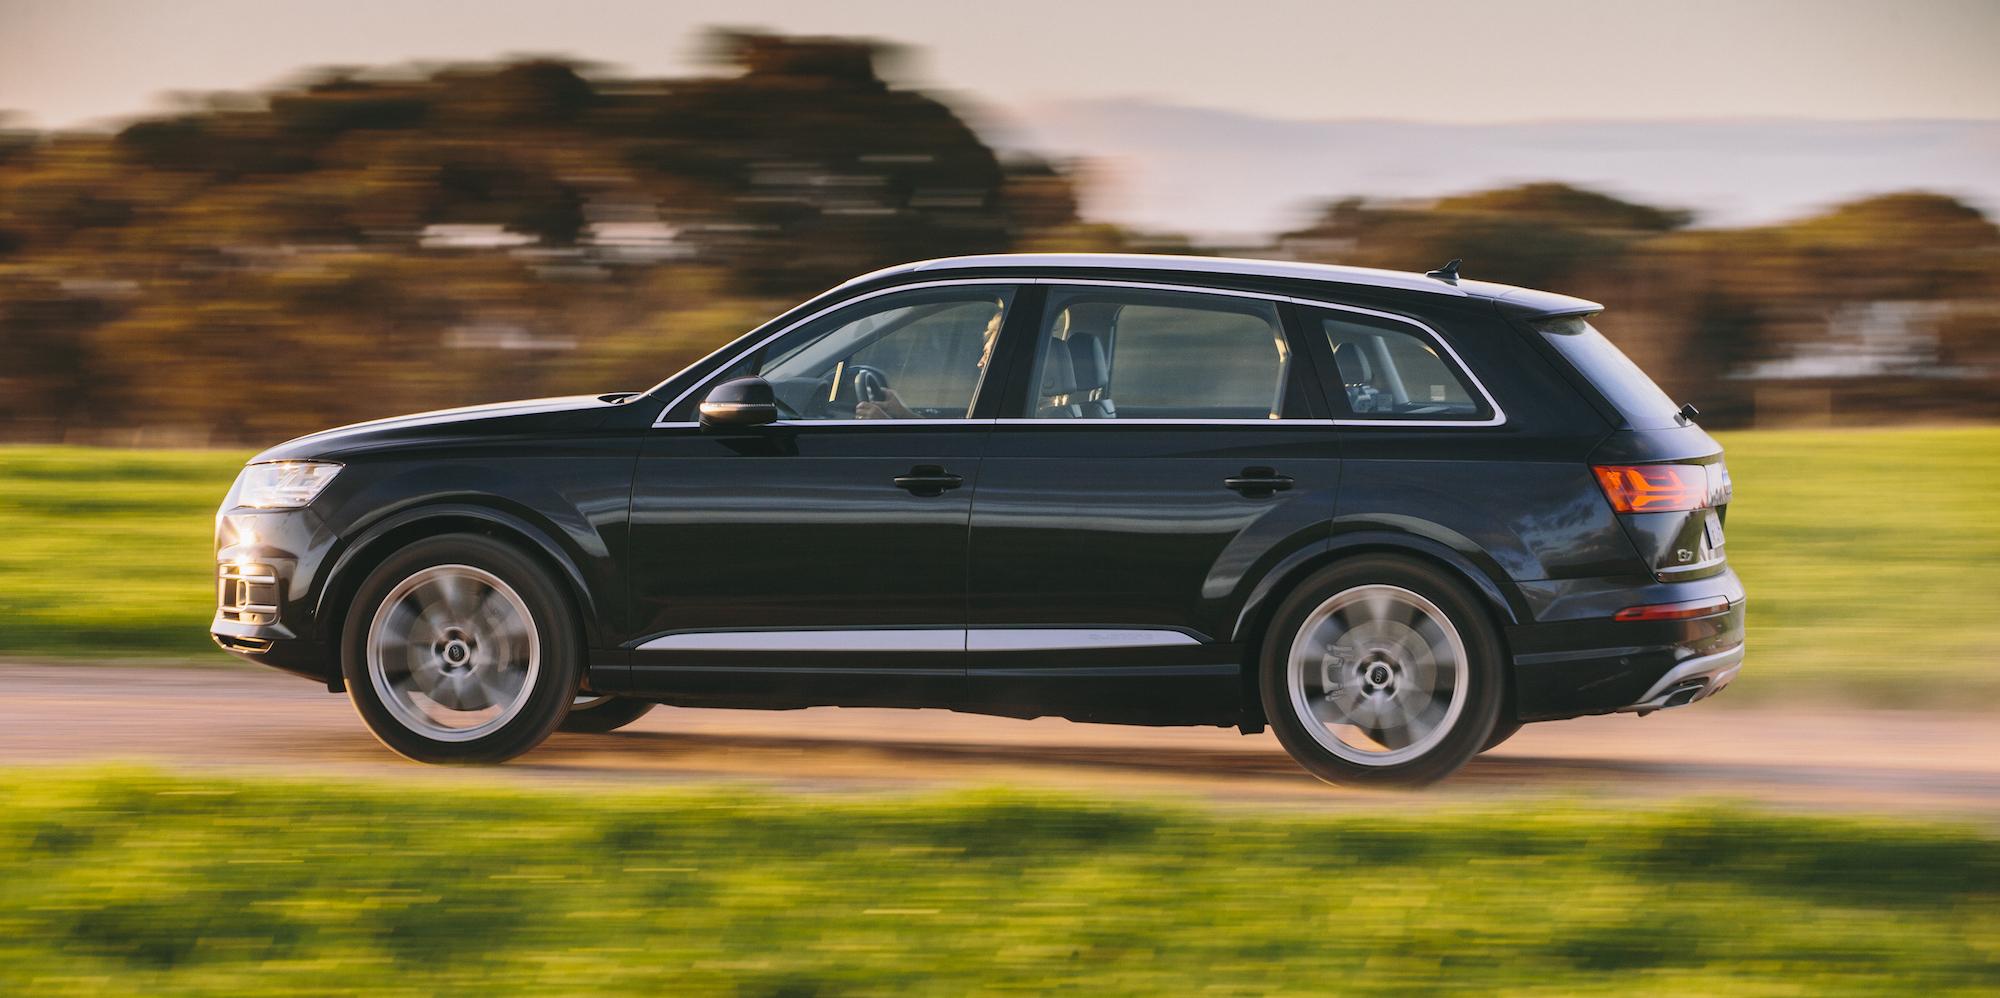 2016 Audi Q7 Review | CarAdvice